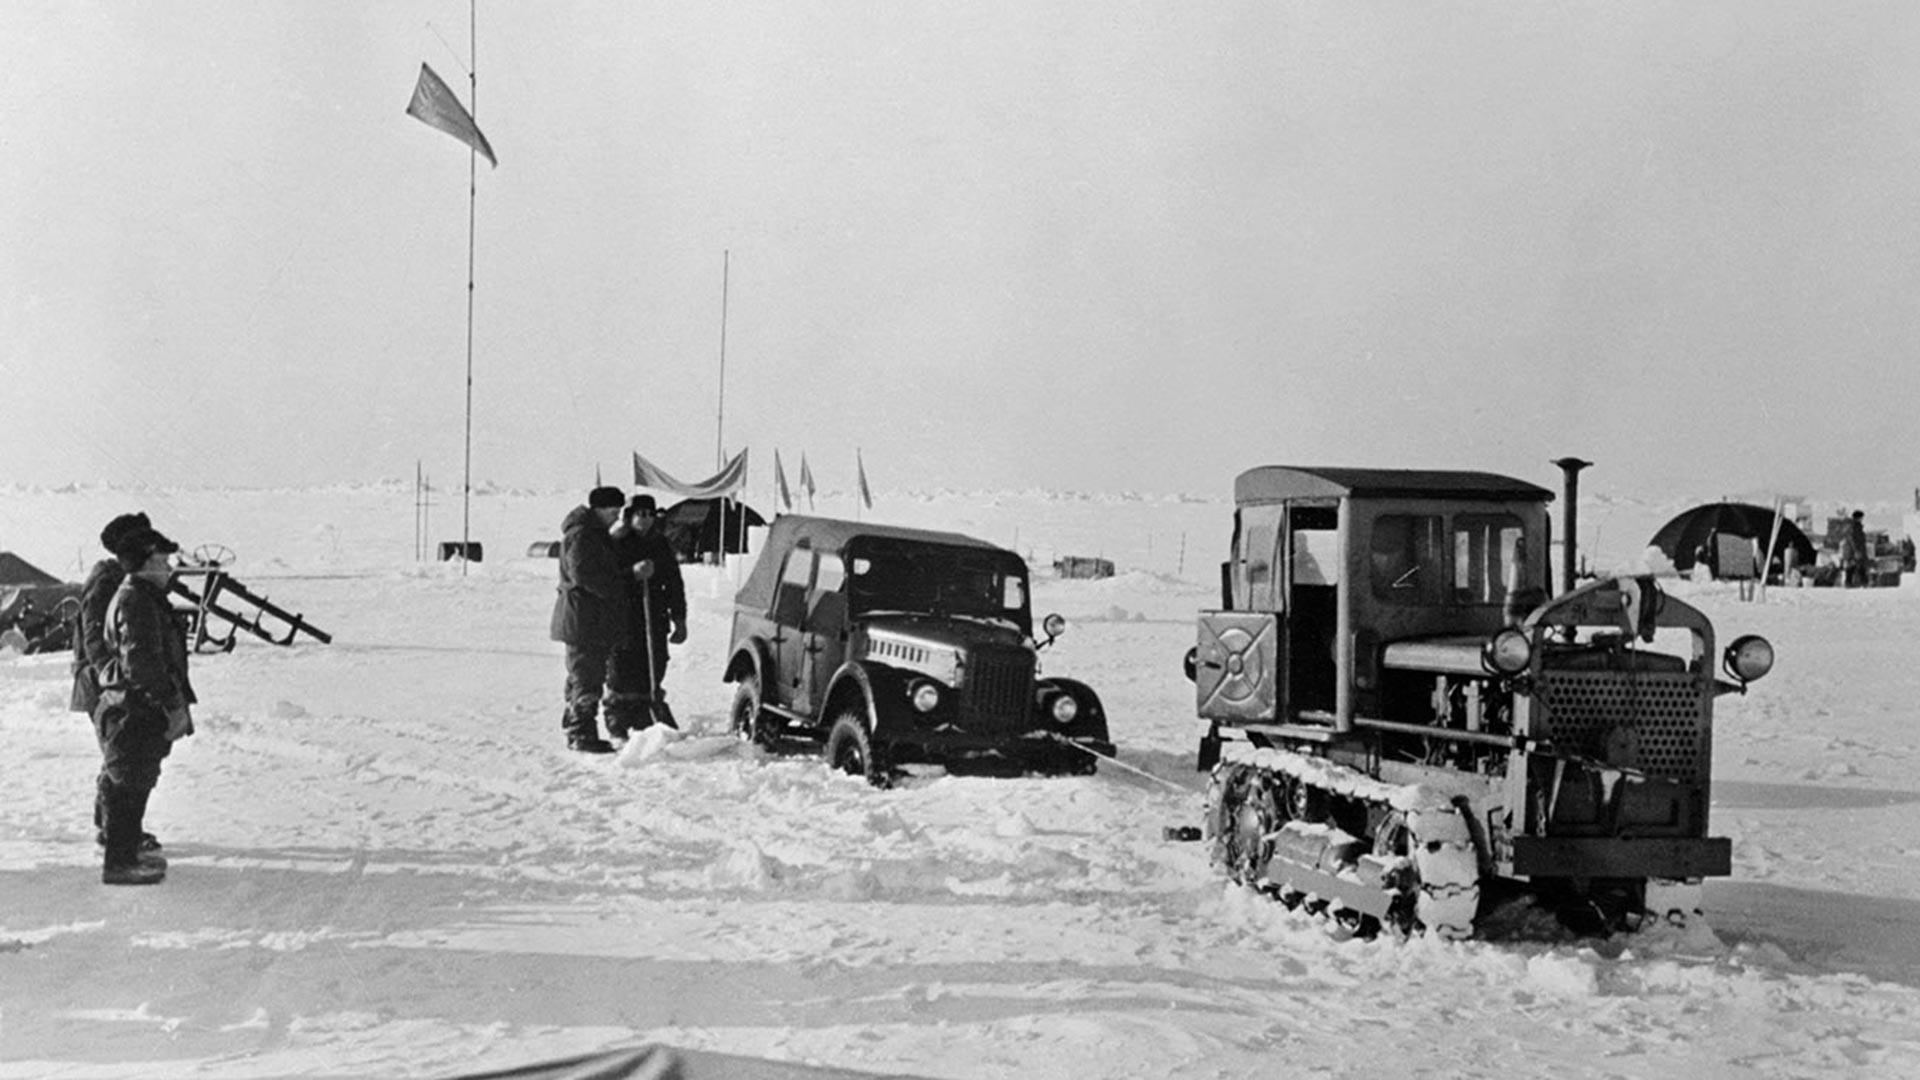 Traktor rettet behindertes Auto an einer der Beobachtungsstationen, die von Wissenschaftlern der Sowjetunion auf einer Eisscholle in der Arktis eingerichtet wurden.